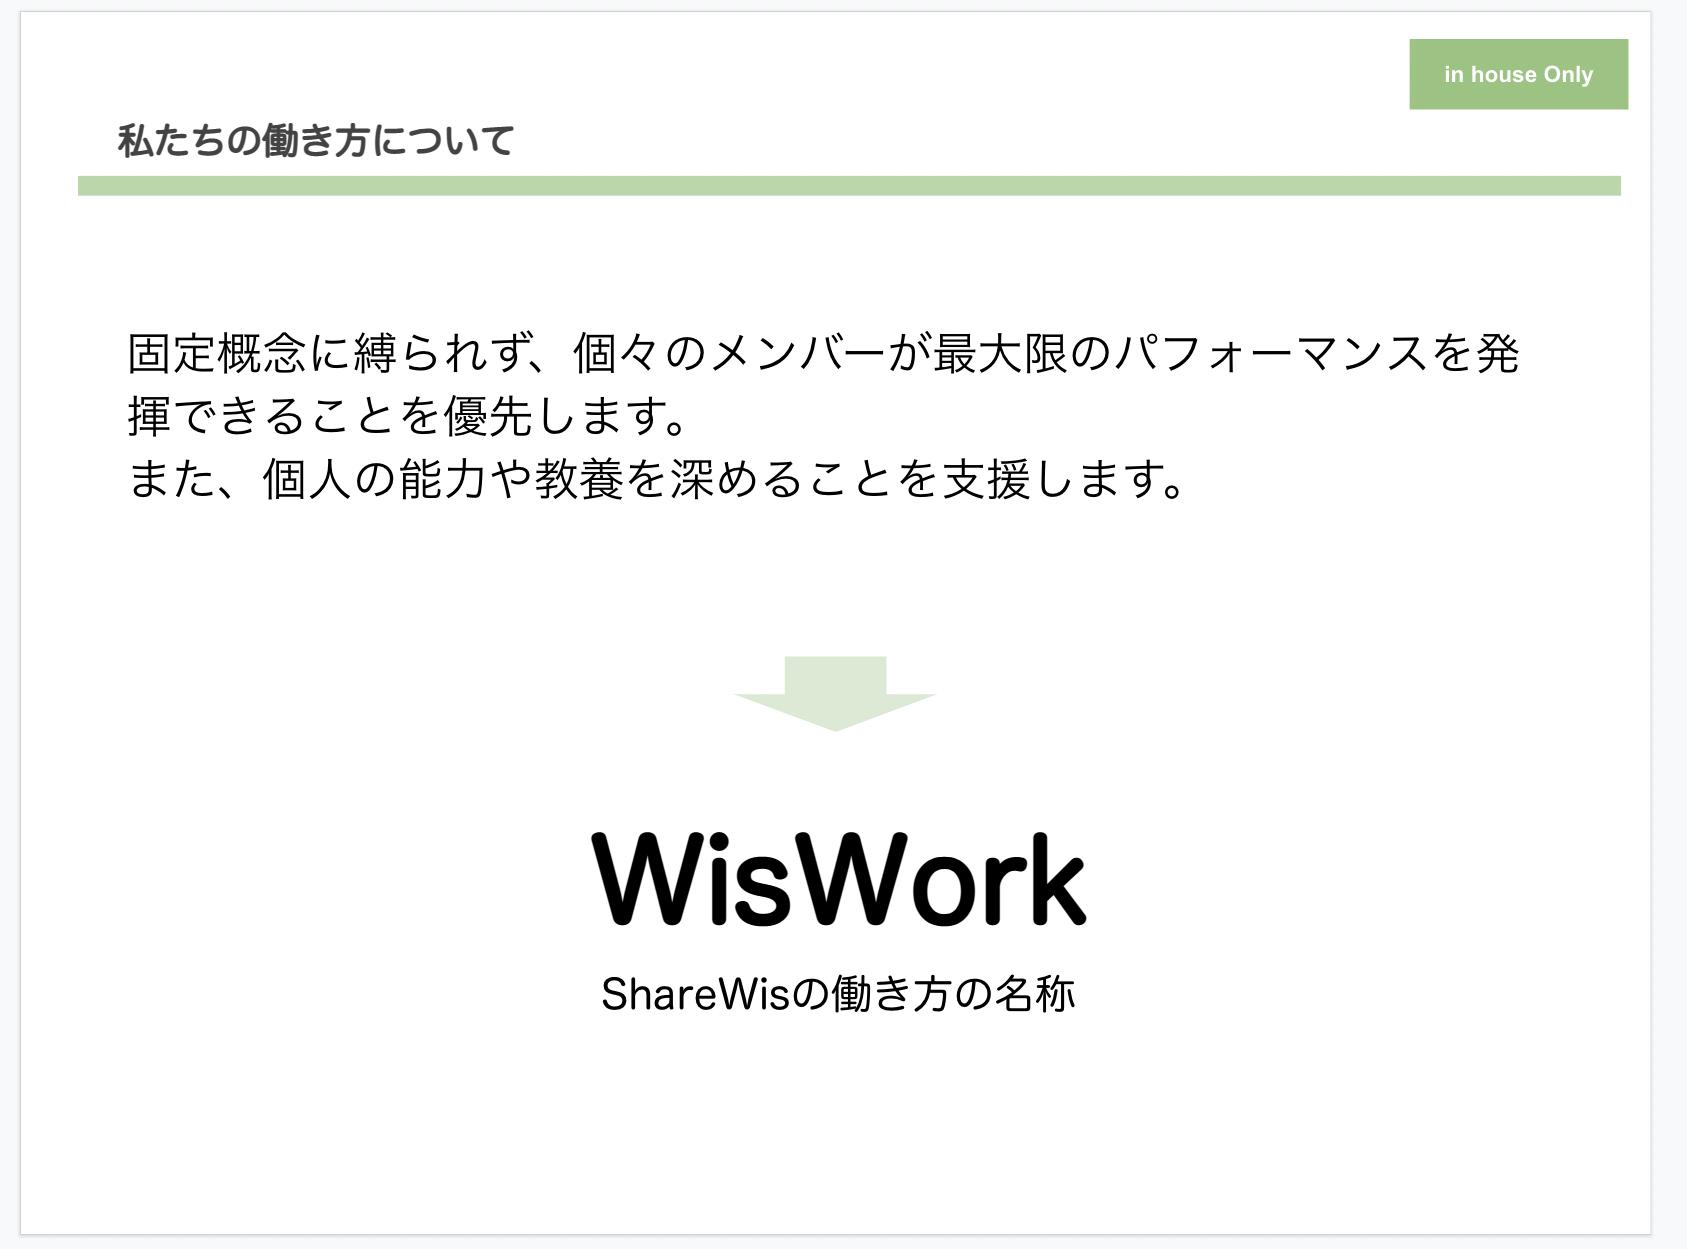 シェアウィズでの働き方をまとめたWisWorkの資料の画像